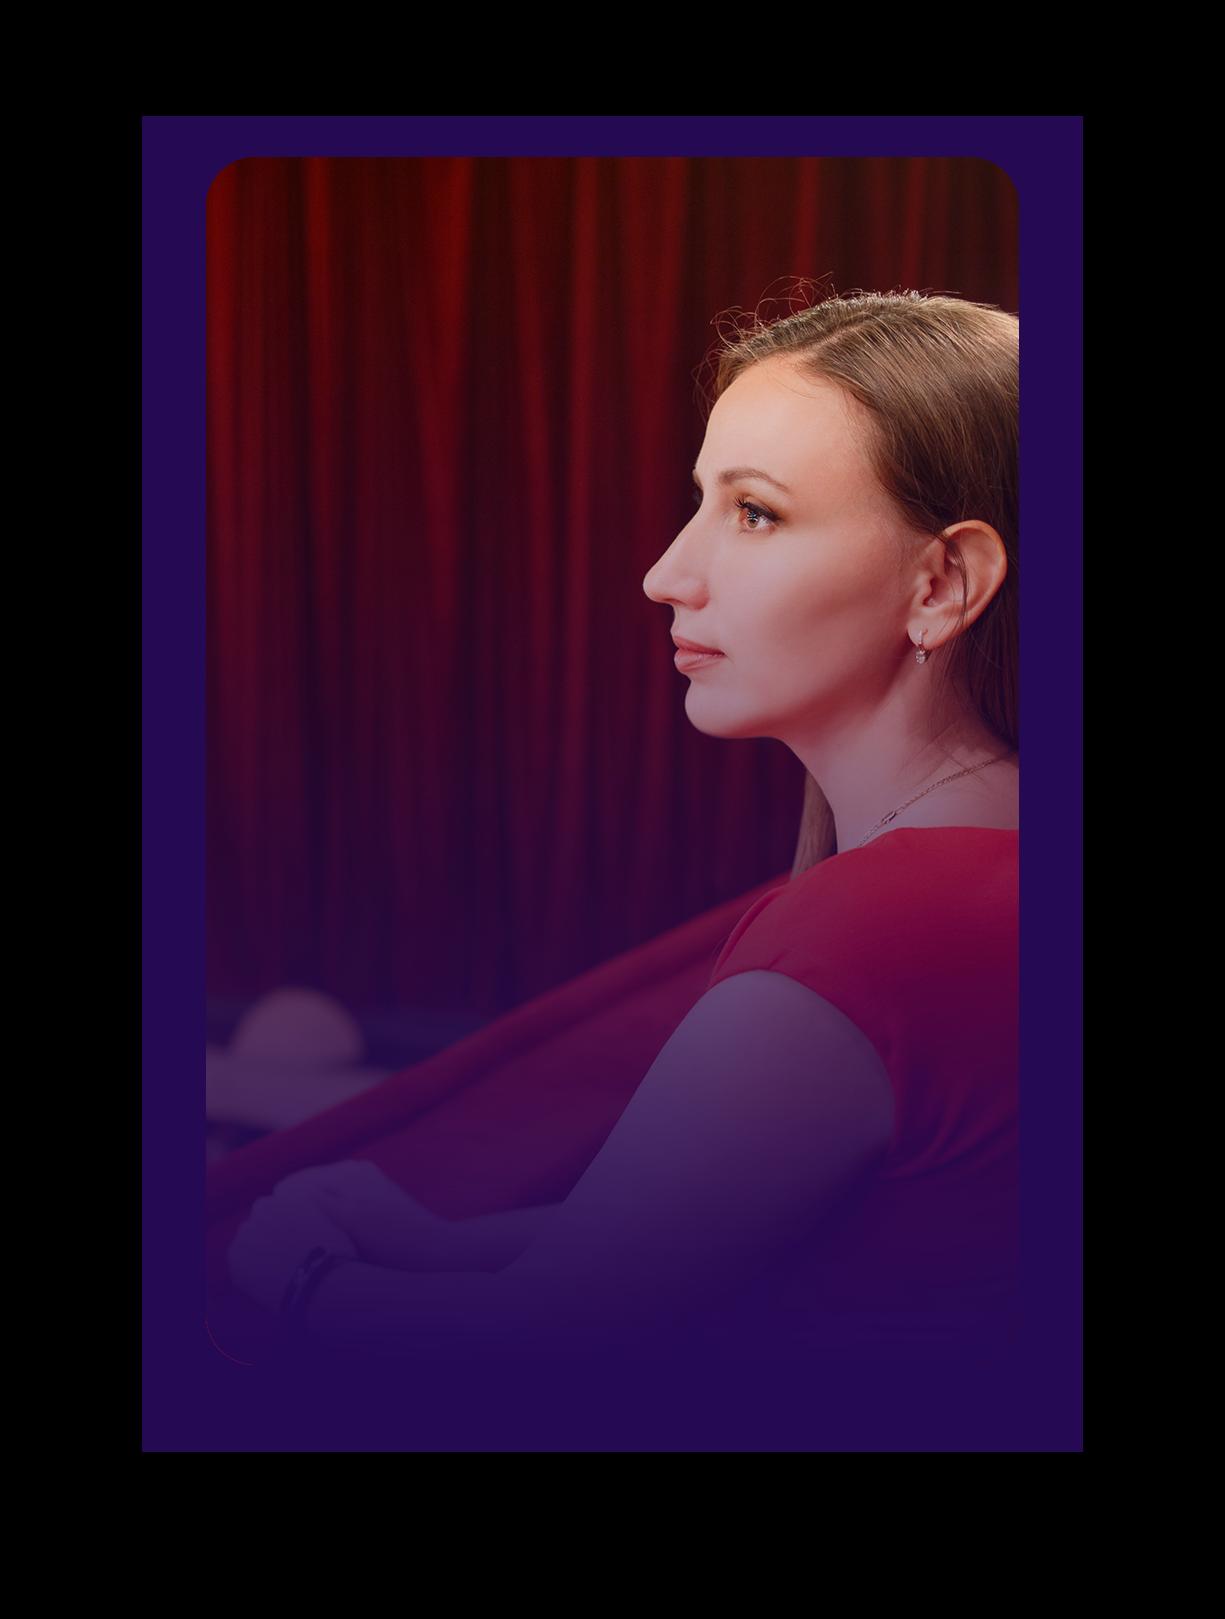 ici se trouve la photo d'une jeune fille avec un rideau rouge en fond